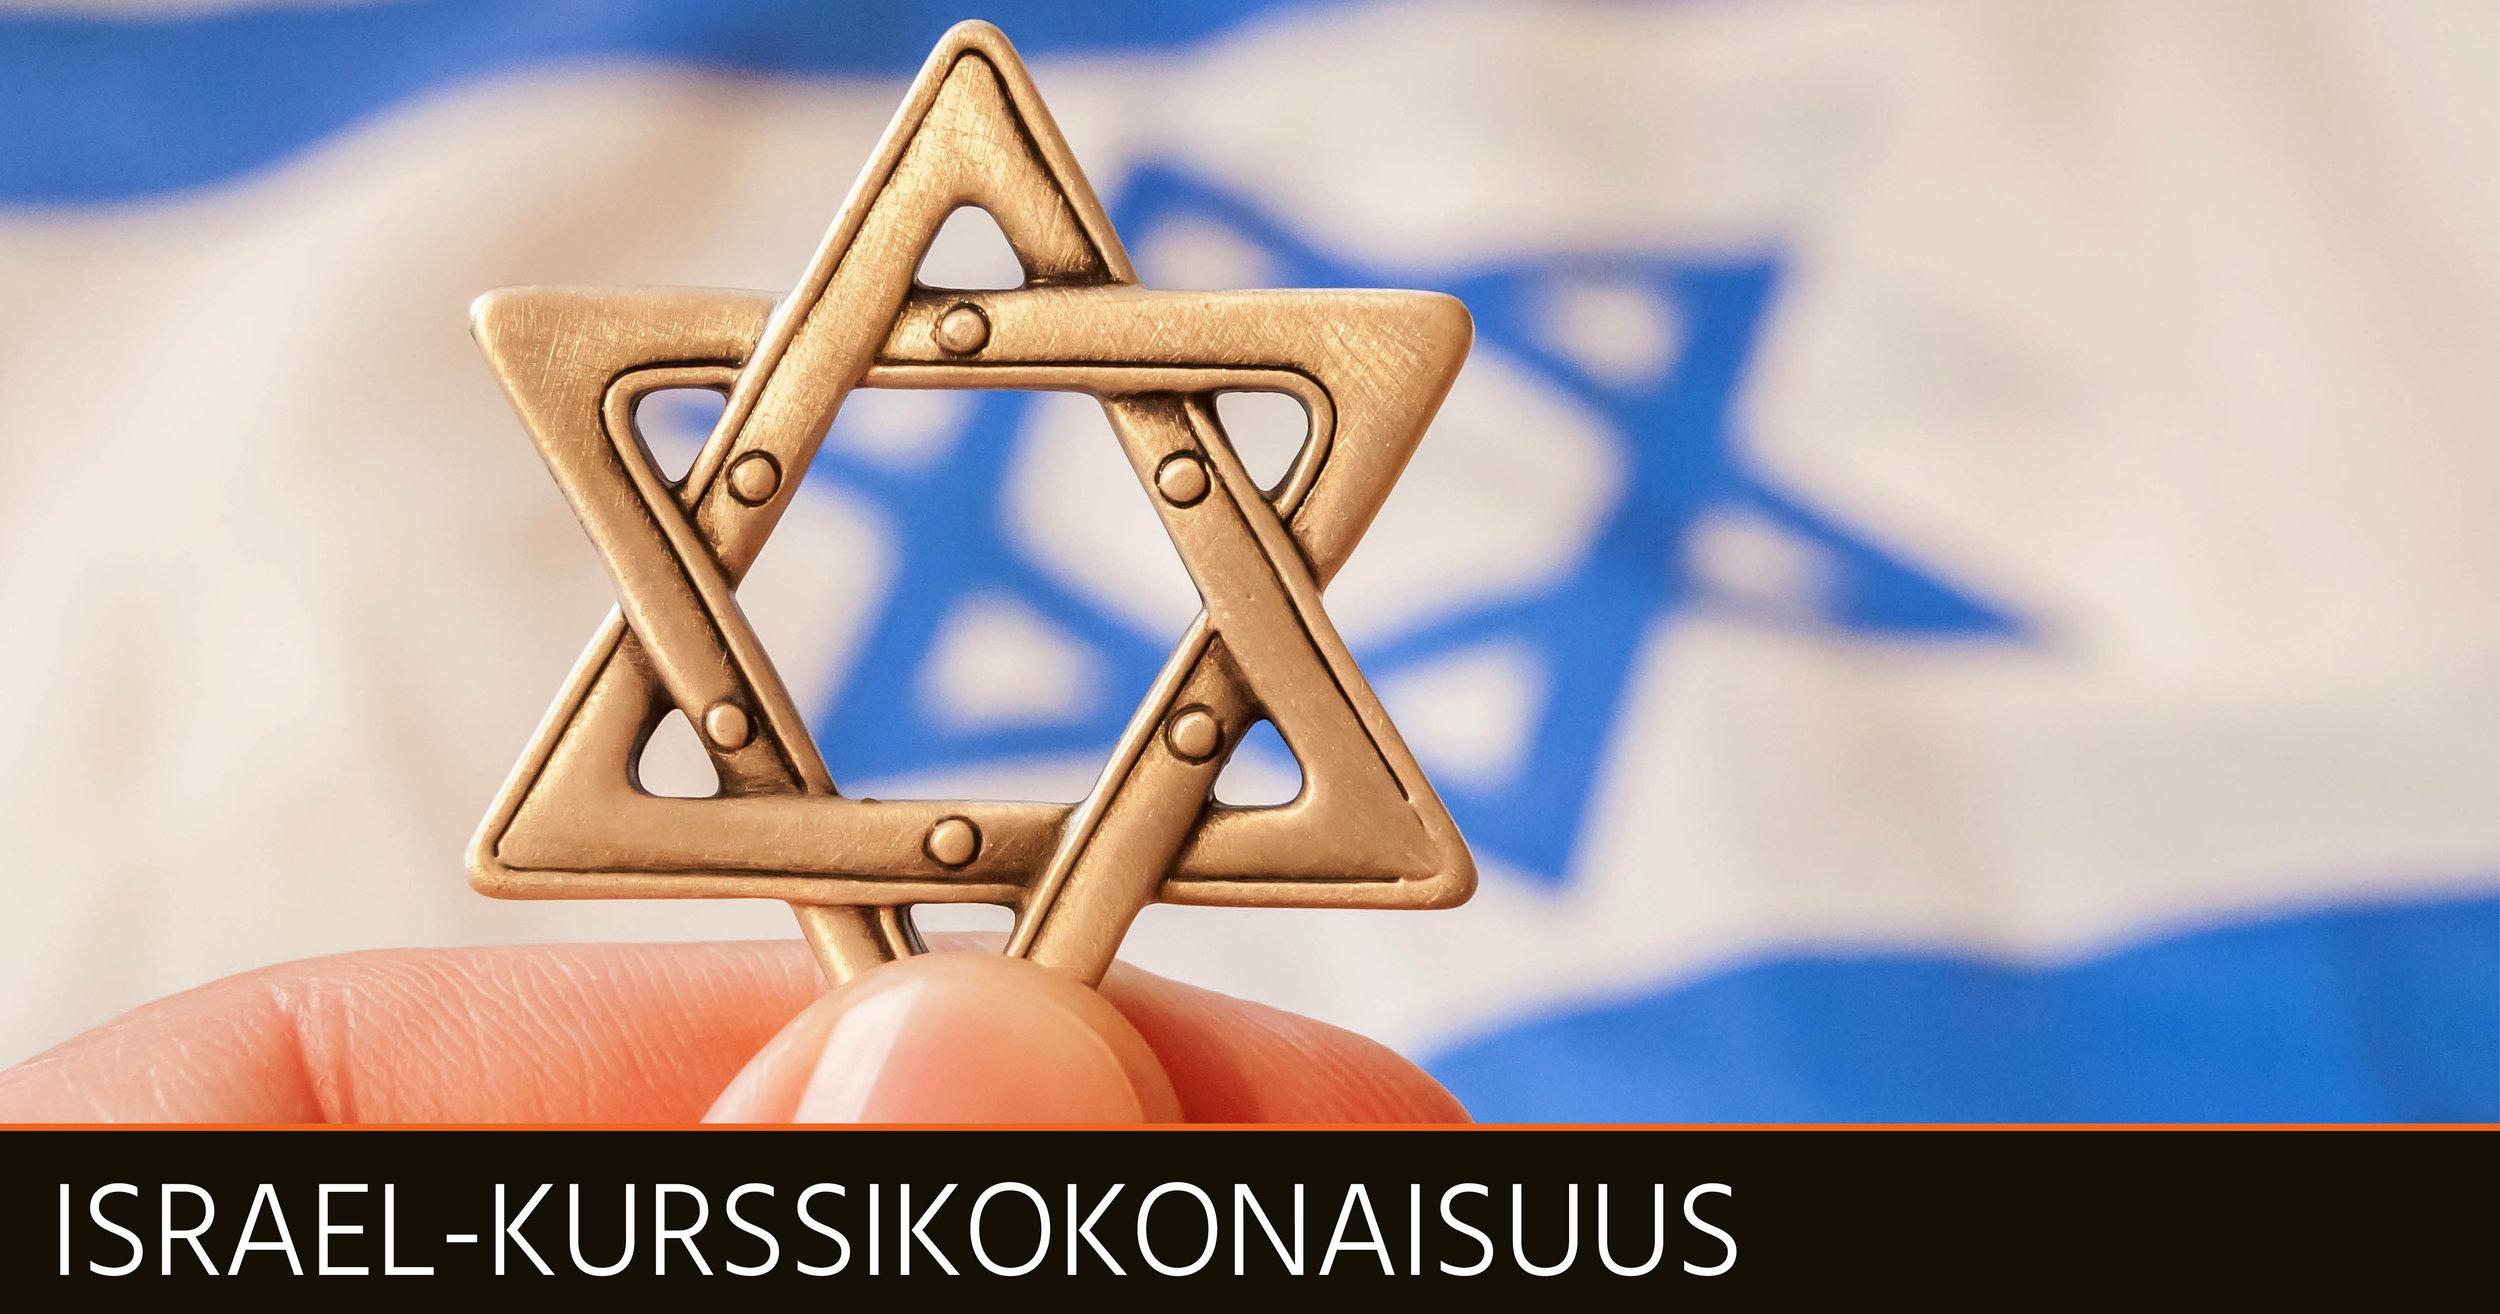 Israelkurssi.jpg